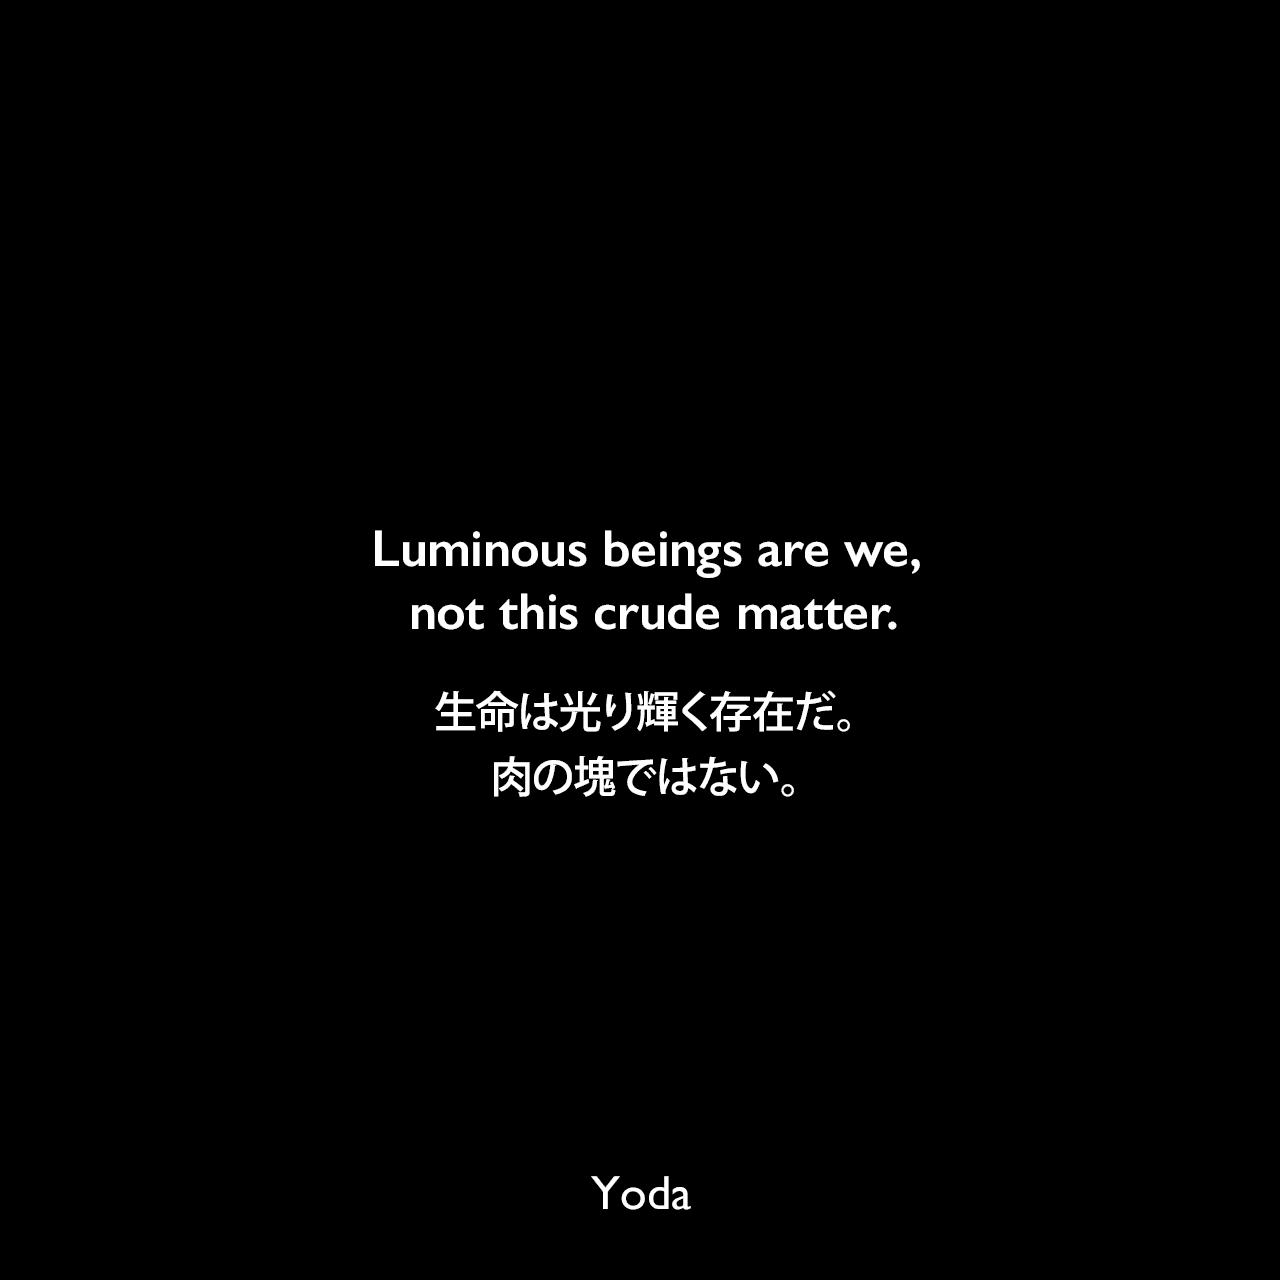 Luminous beings are we, not this crude matter.生命は光り輝く存在だ。肉の塊ではない。- スター・ウォーズ エピソード5/帝国の逆襲Yoda